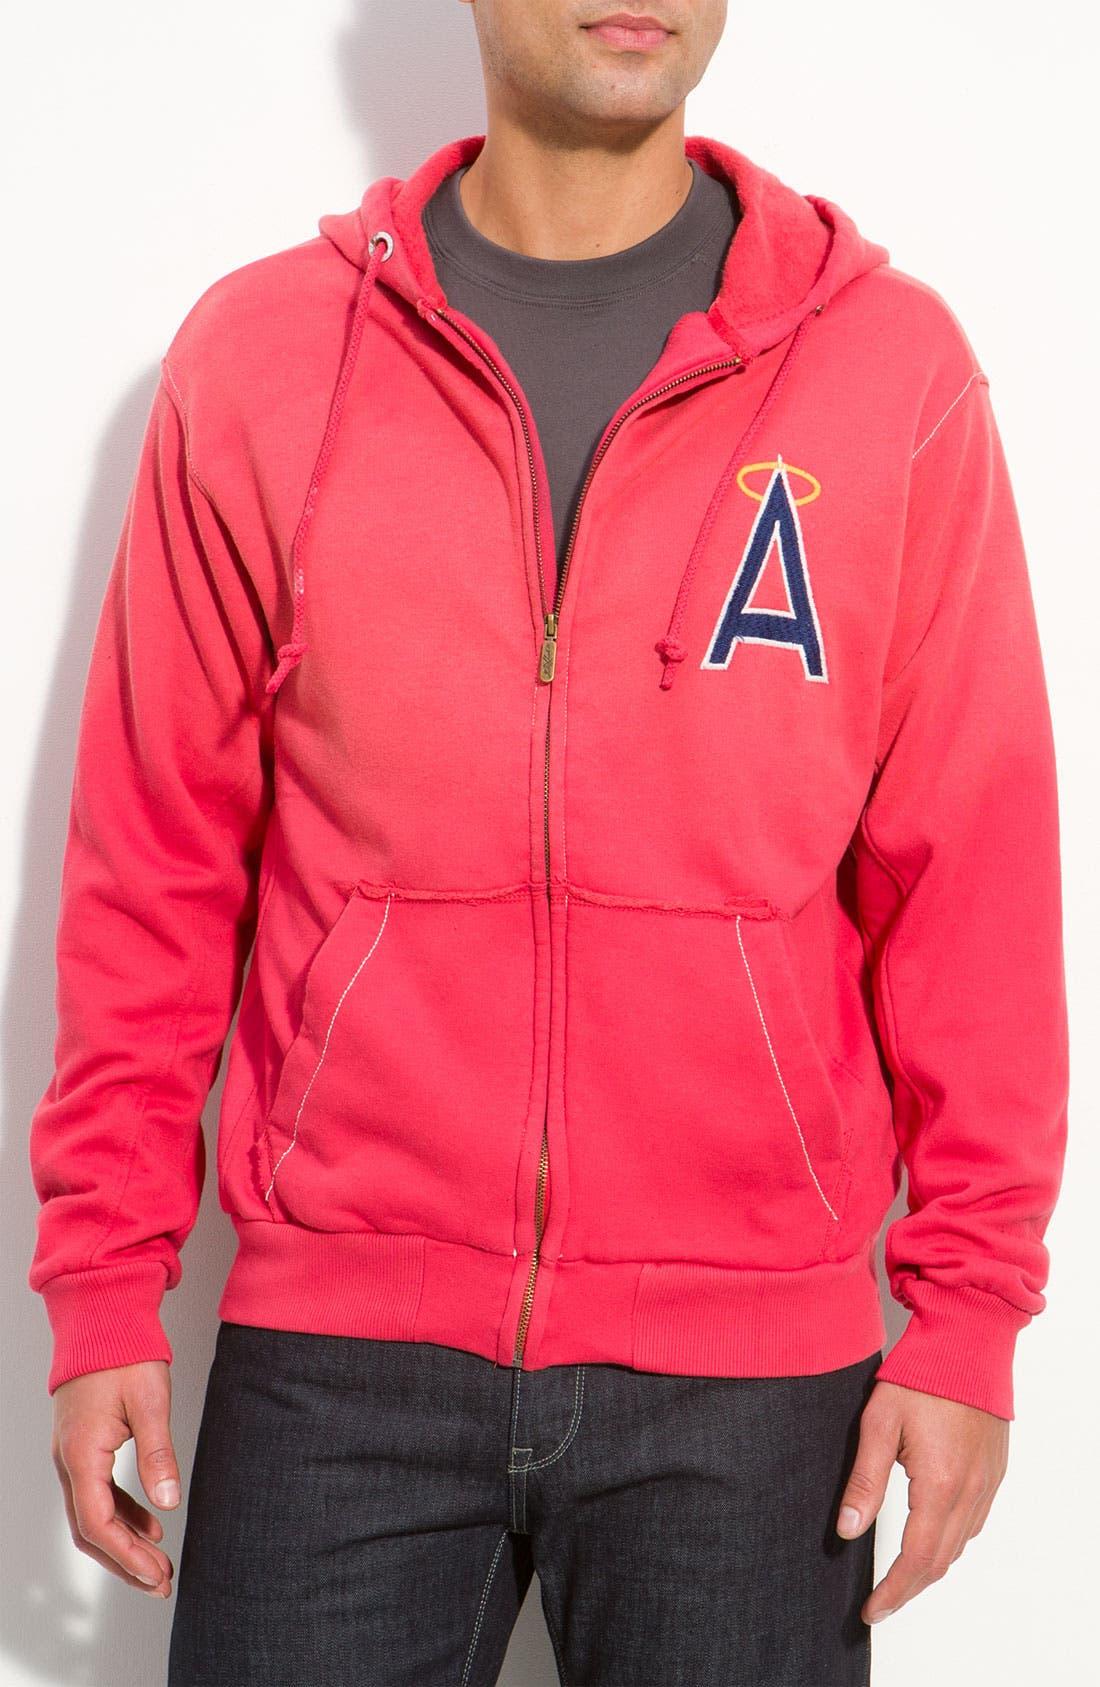 Alternate Image 1 Selected - Red Jacket 'Angels' Hoodie